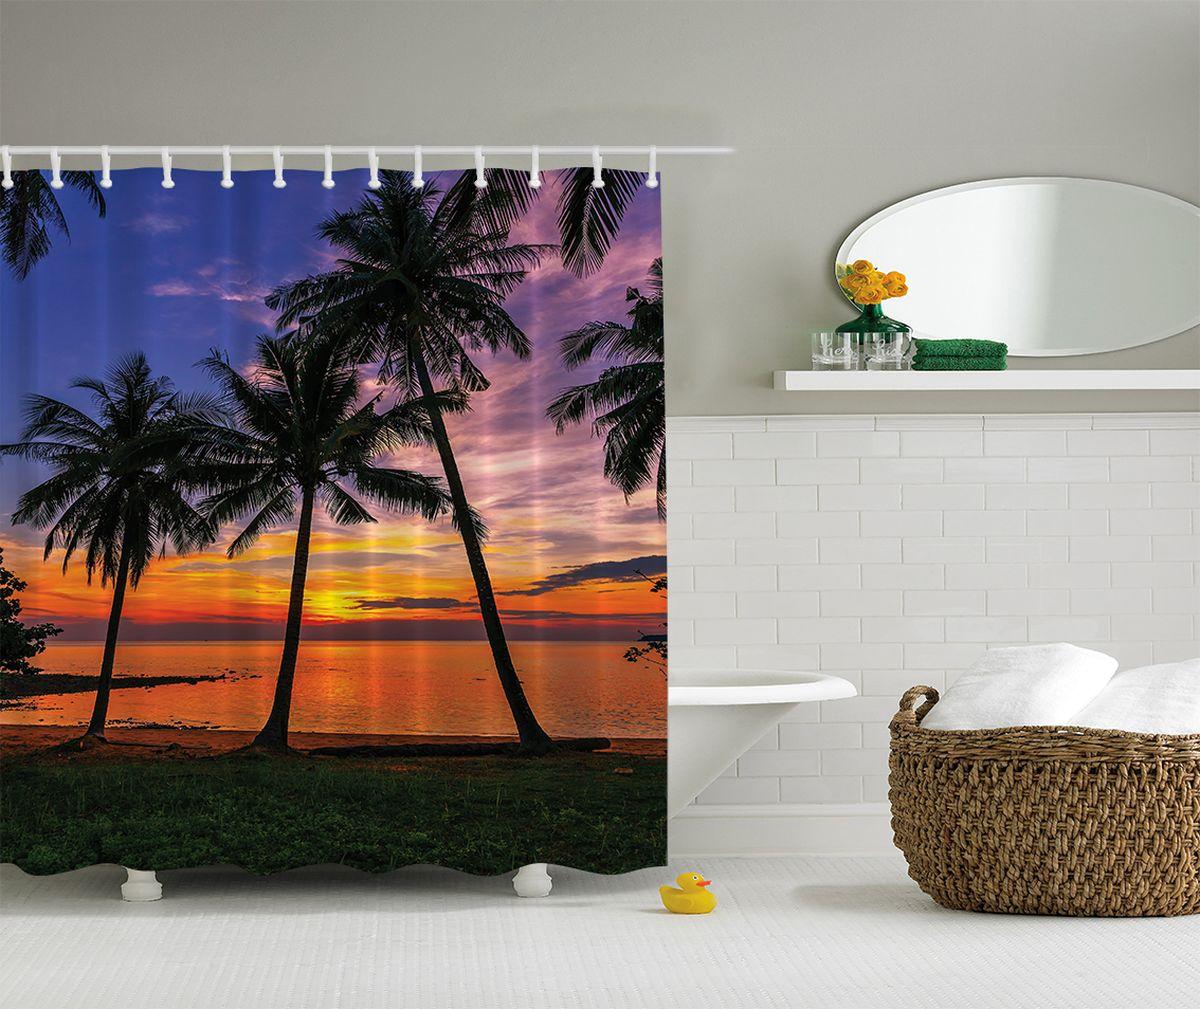 Штора для ванной комнаты Magic Lady Закат на пляже, 180 х 200 см391602Штора Magic Lady Закат на пляже, изготовленная из высококачественного сатена (полиэстер 100%), отлично дополнит любой интерьер ванной комнаты. При изготовлении используются специальные гипоаллергенные чернила для прямой печати по ткани, безопасные для человека.В комплекте: 1 штора, 12 крючков. Обращаем ваше внимание, фактический цвет изделия может незначительно отличаться от представленного на фото.